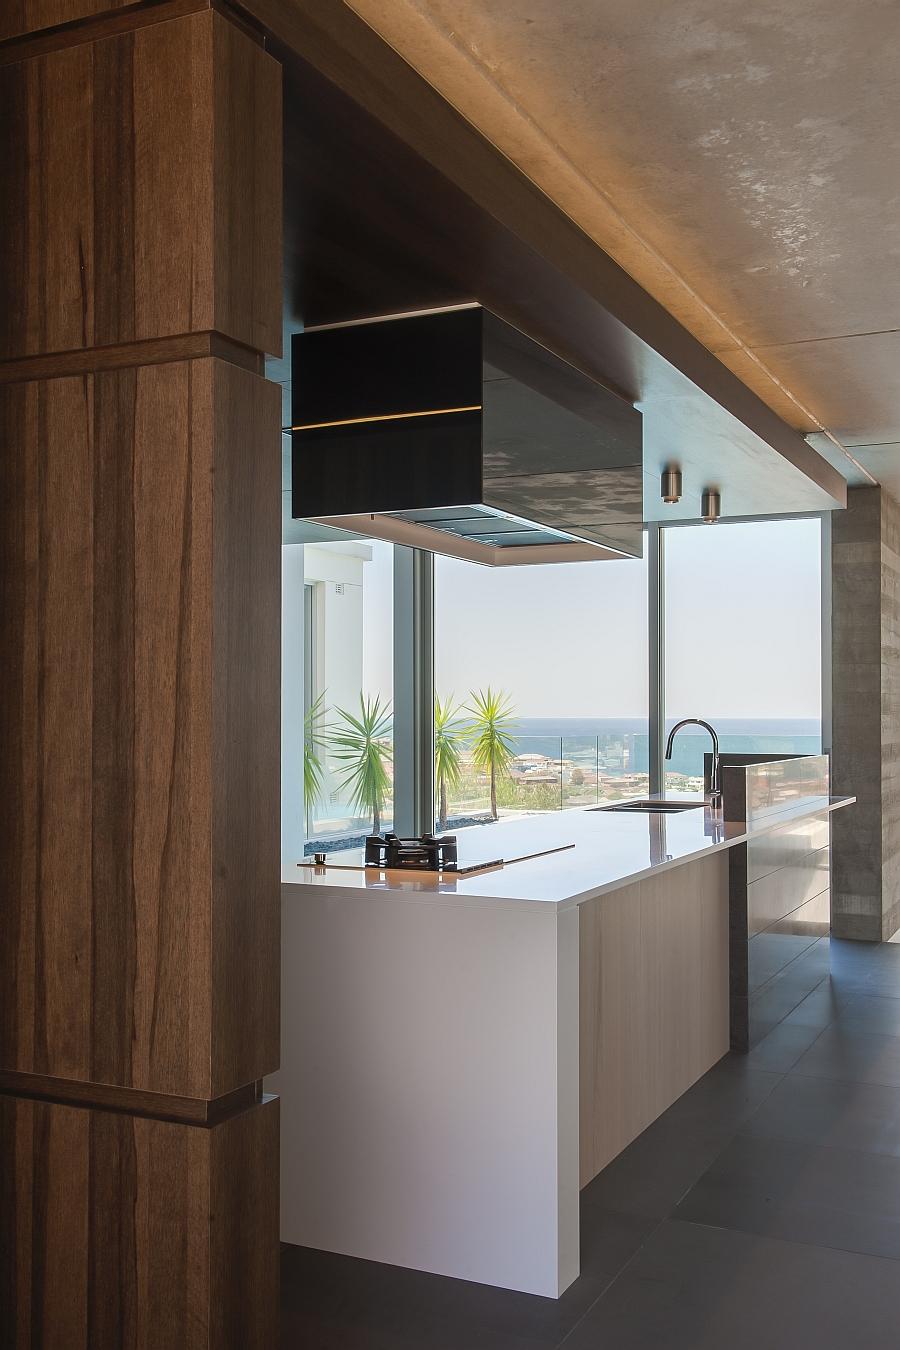 Элегантный дизайн интерьера кухни от студии Minosa